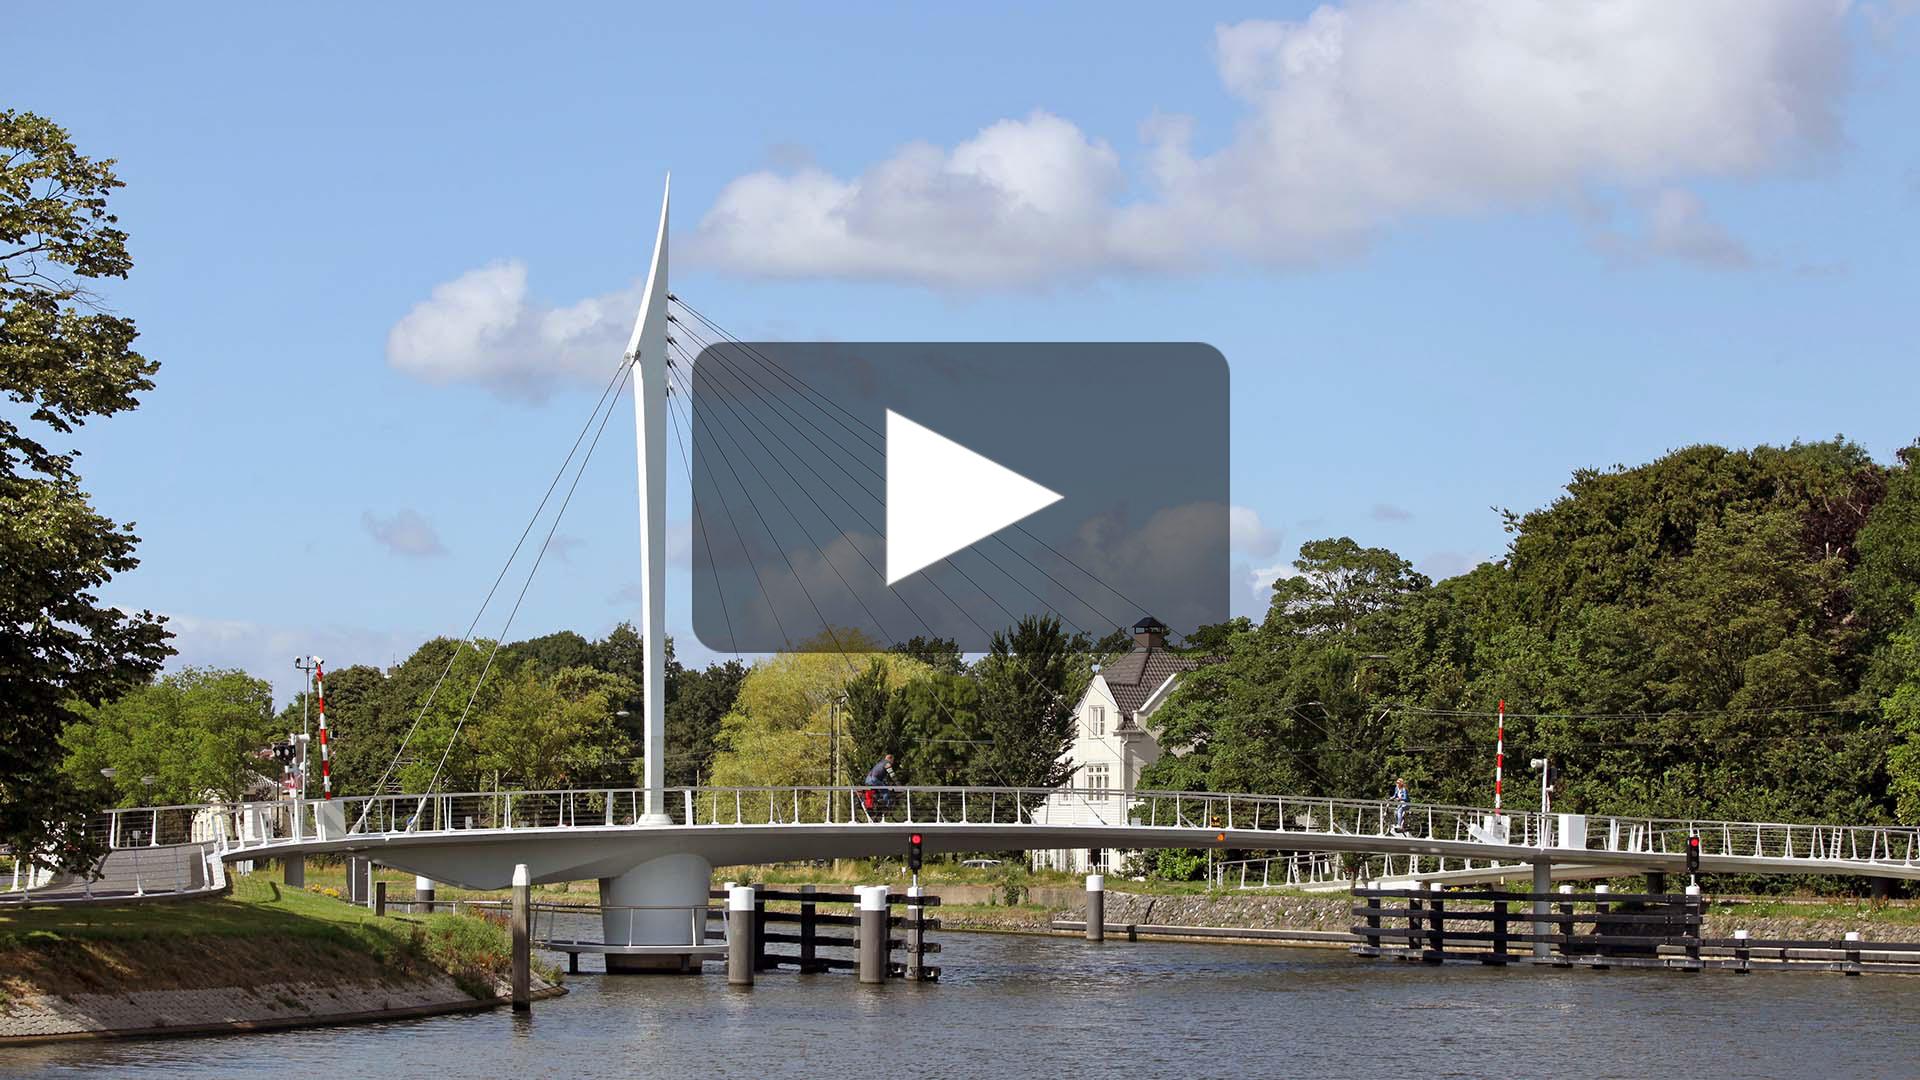 vidoe-slanke-draaibrug-RijnSchiekanaal-Rijswijk